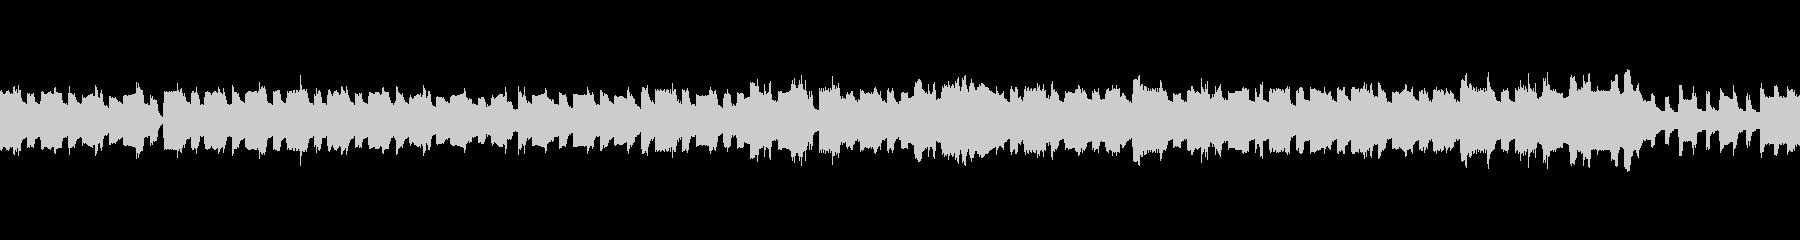 ループ レトロRPG-海/船/航海の未再生の波形